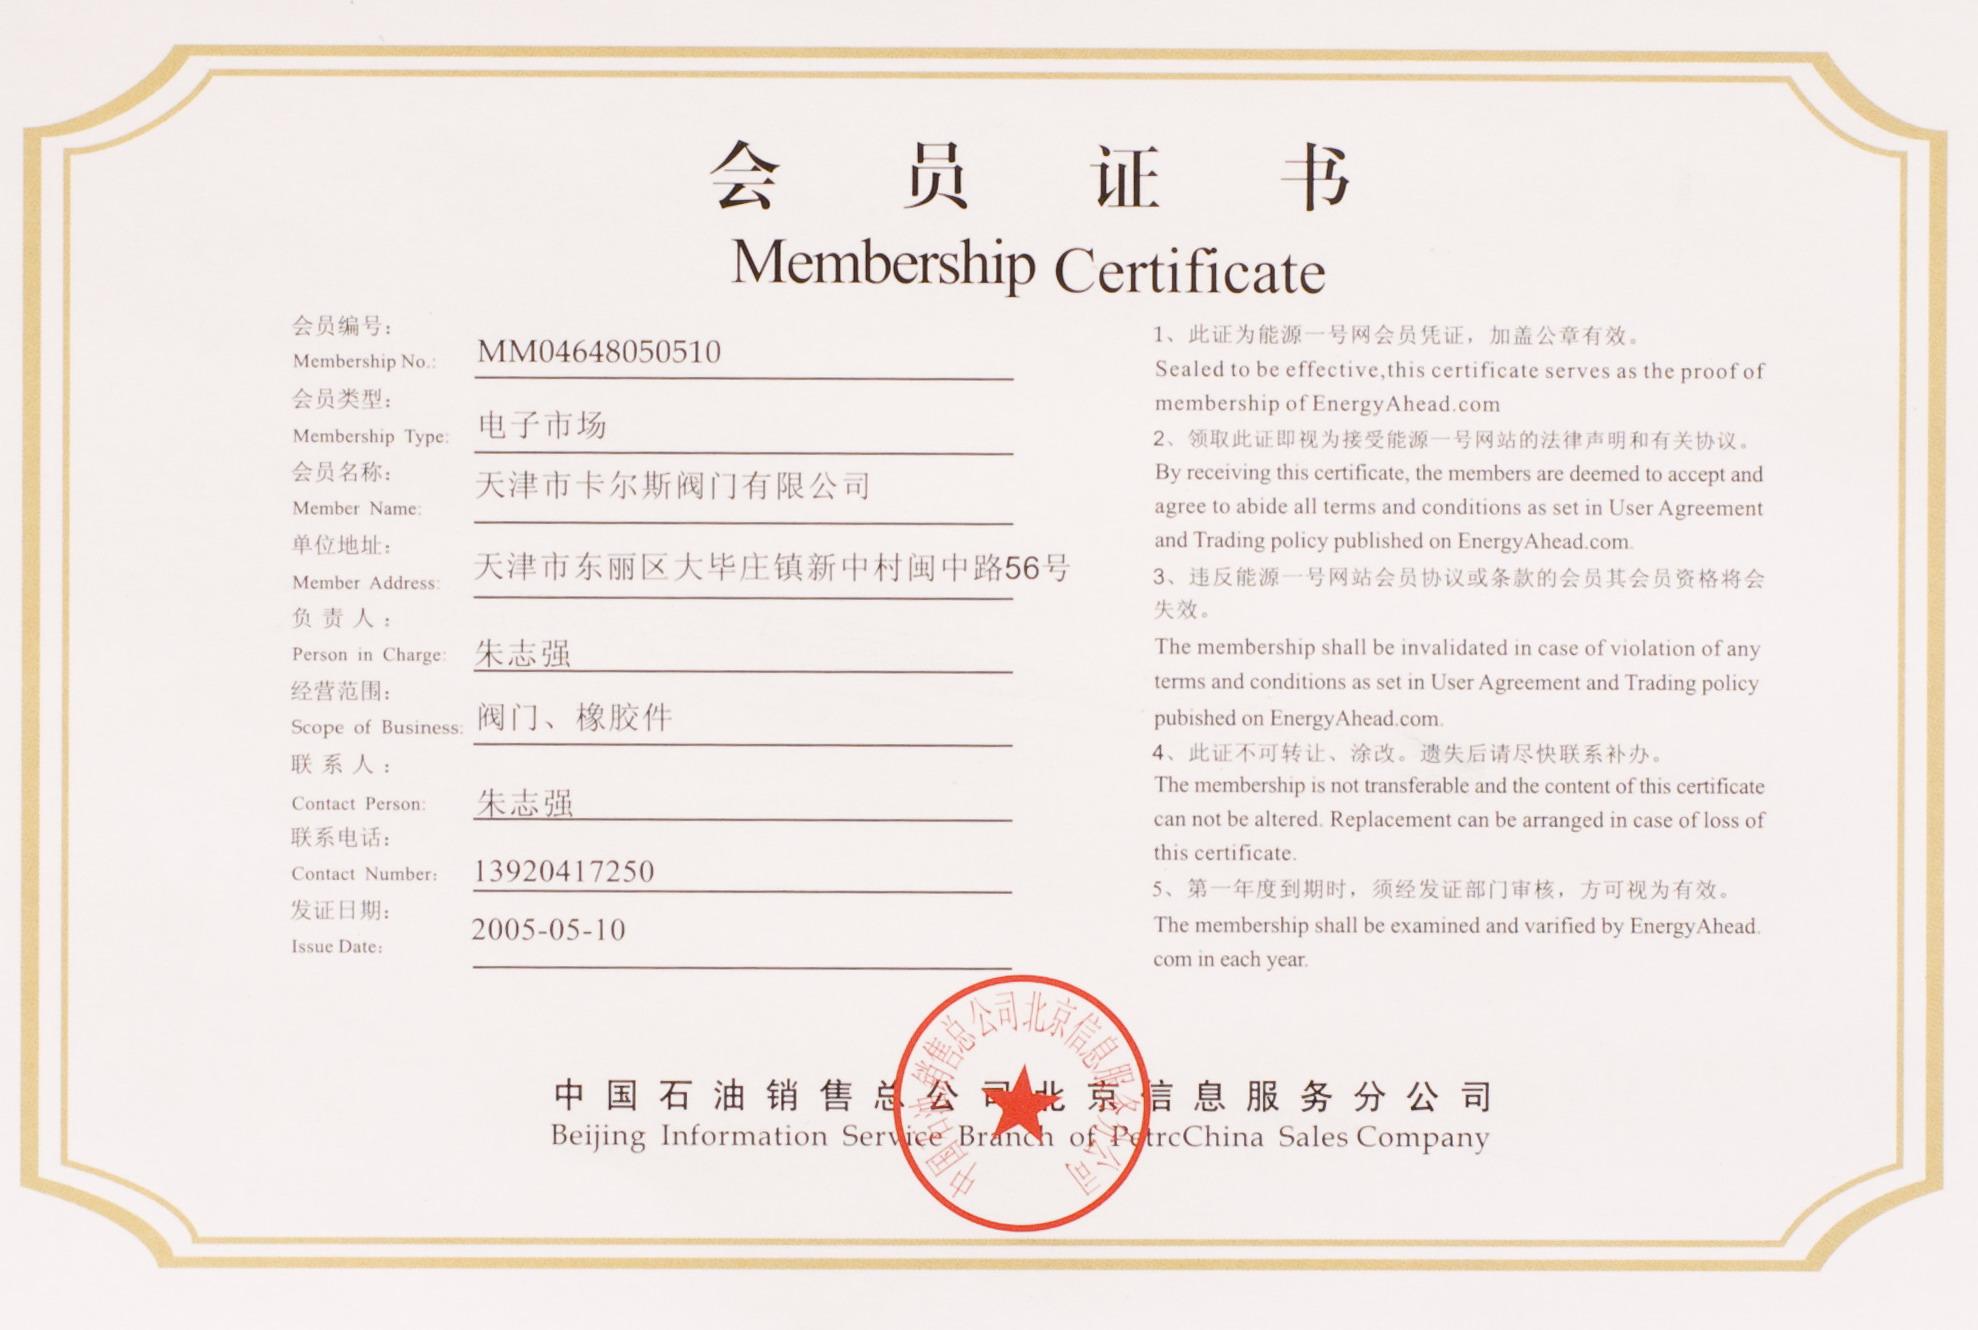 PetroChina Access Certificate